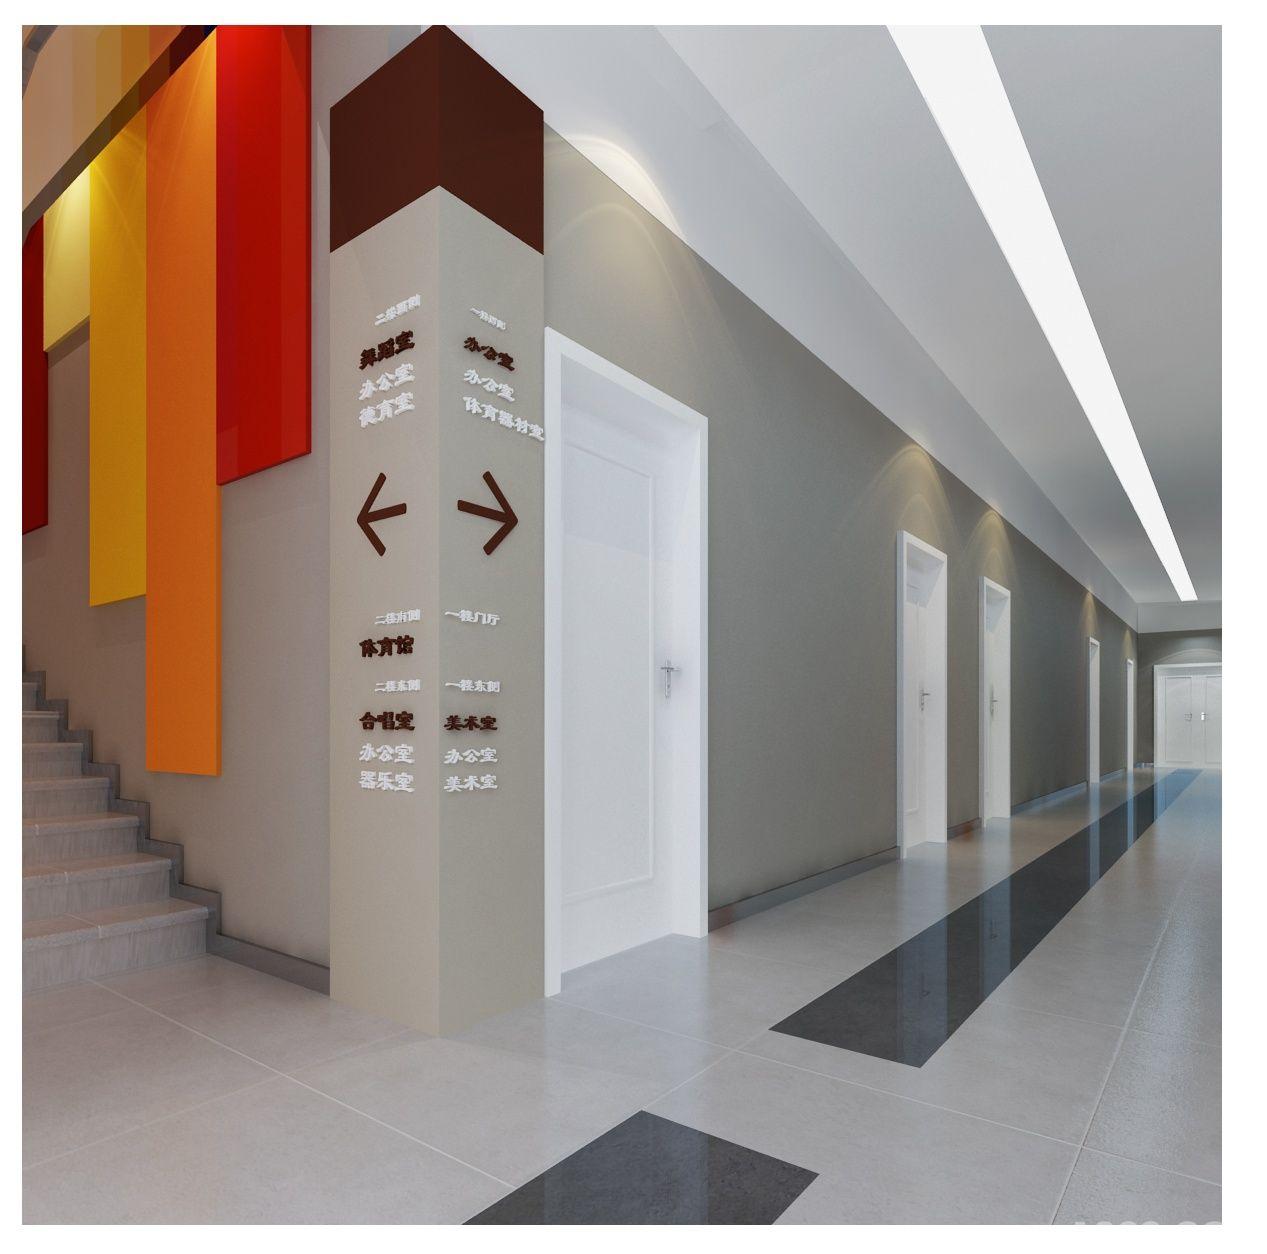 验花园老教学楼设计文化-上海作家空间设计方案居中学改造图片